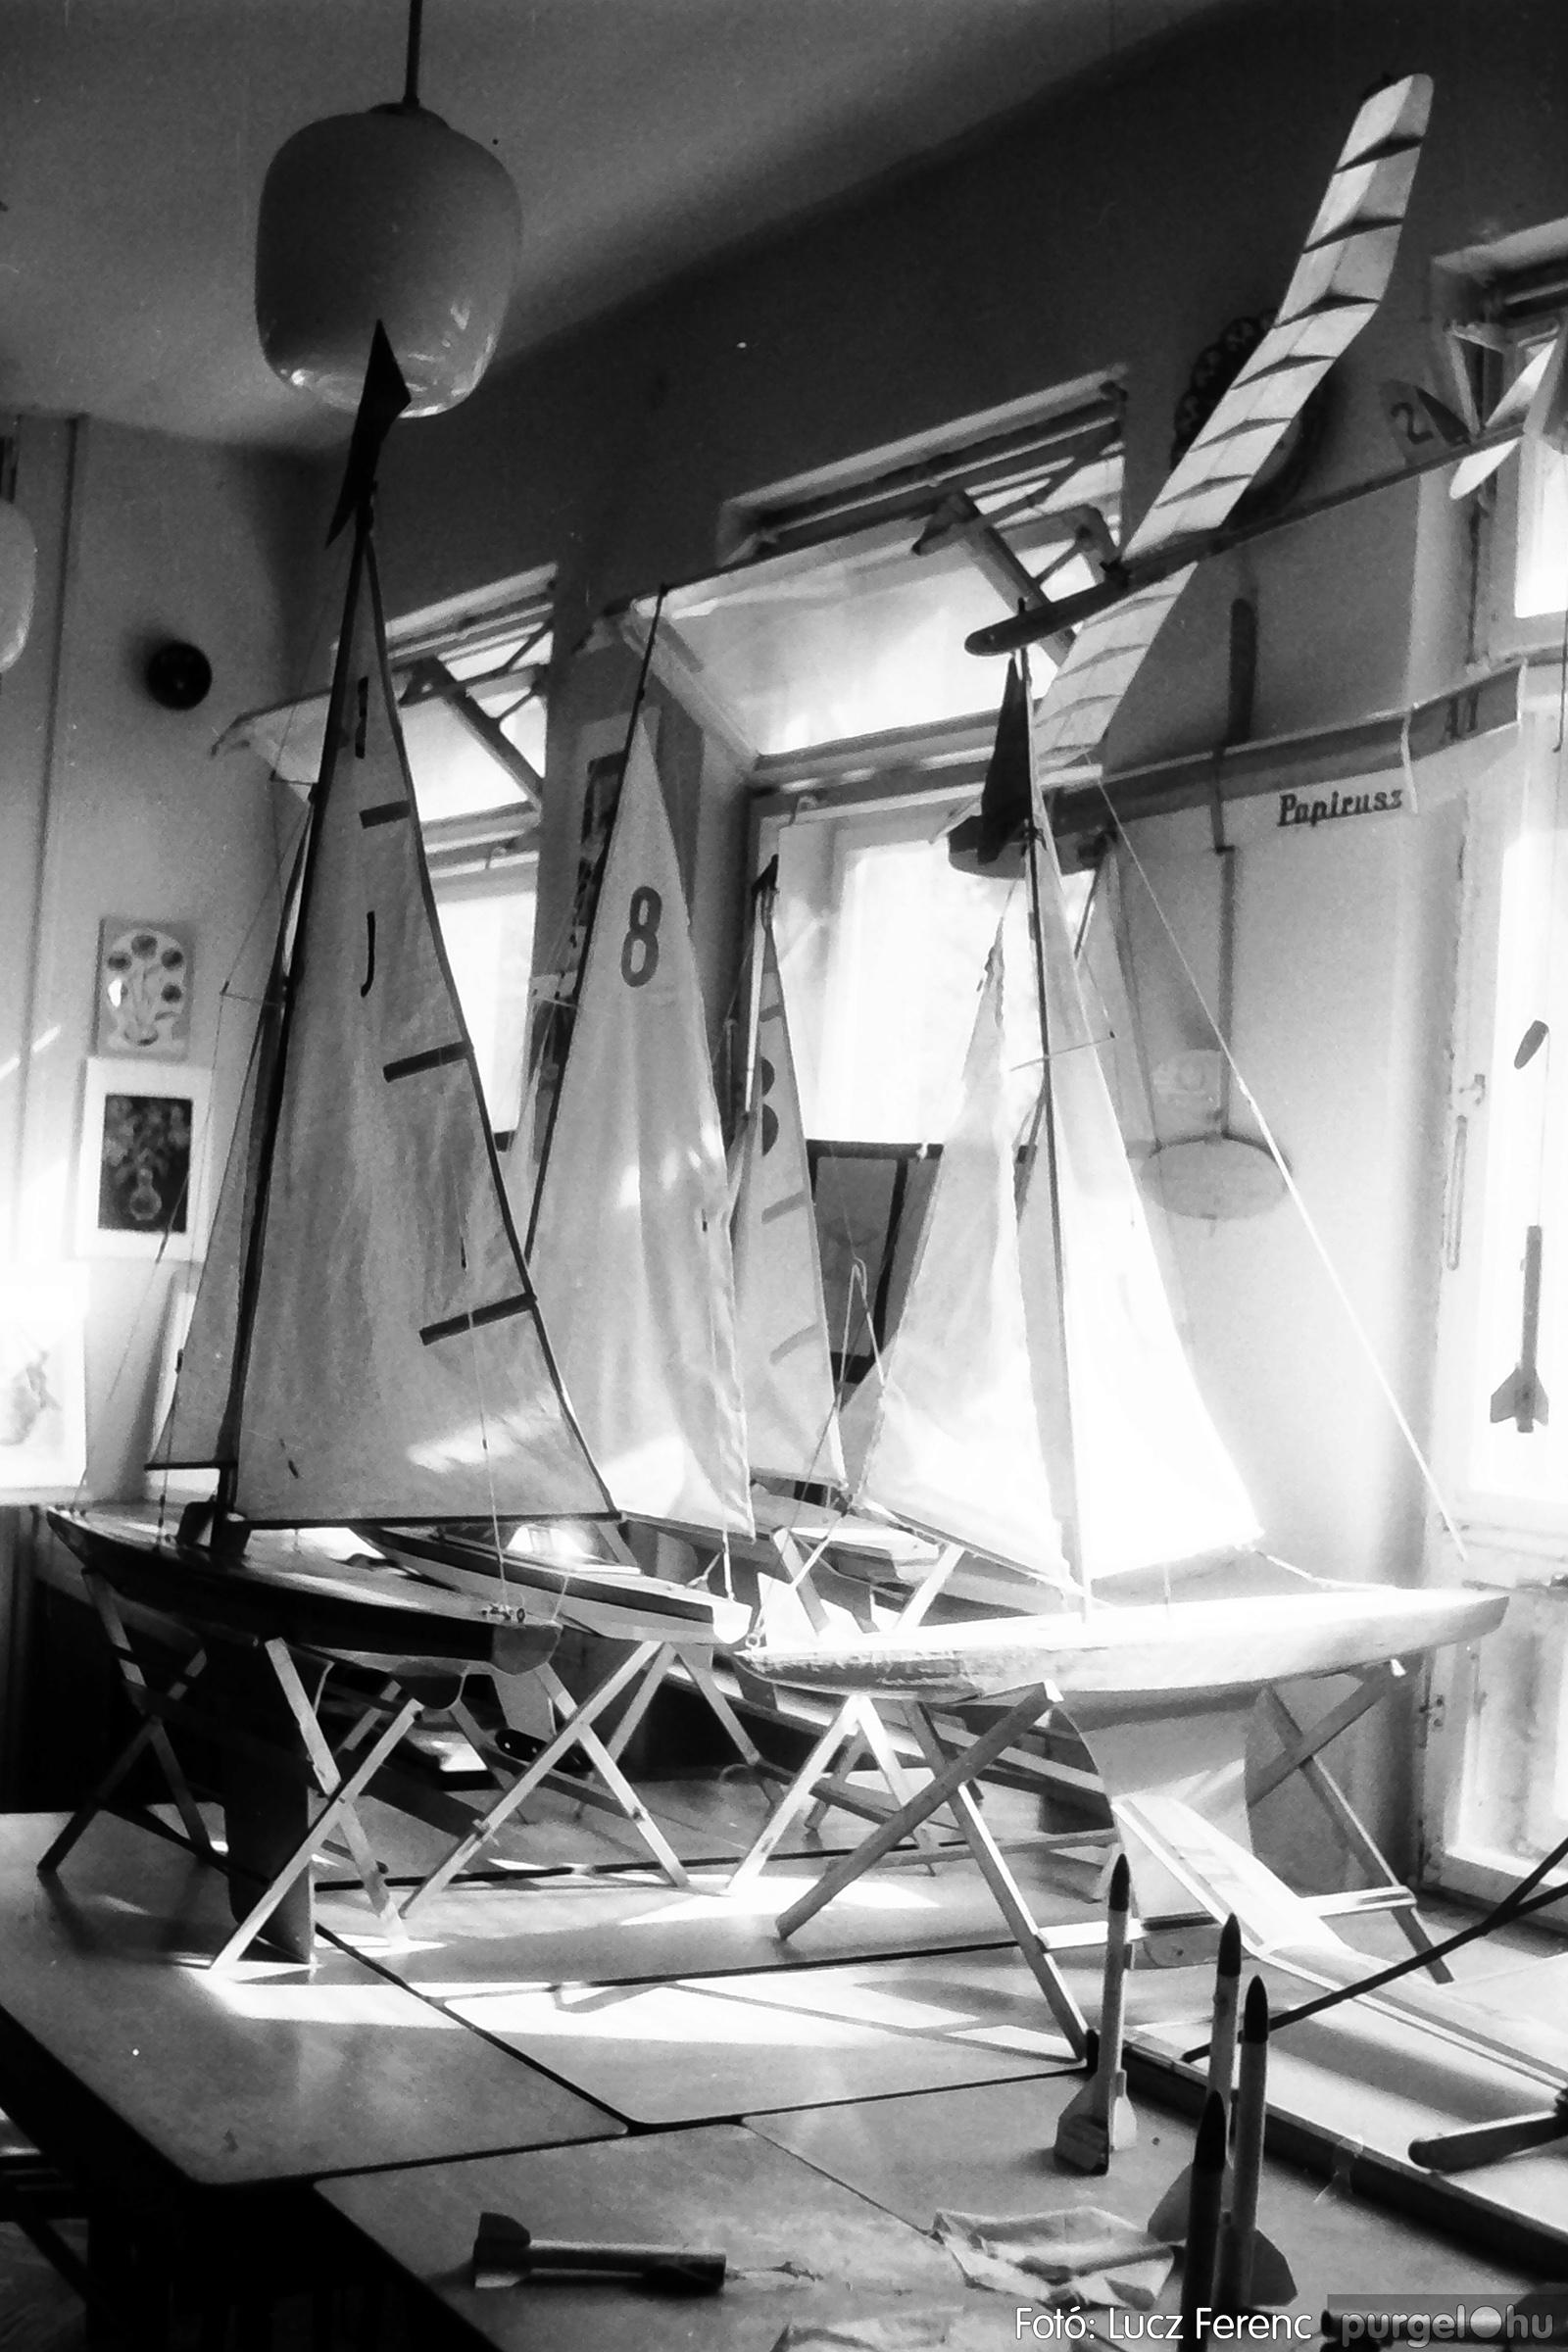 083. 1977. Iskolai kiállítás a tanév legszebb alkotásaiból 004. - Fotó: Lucz Ferenc.jpg